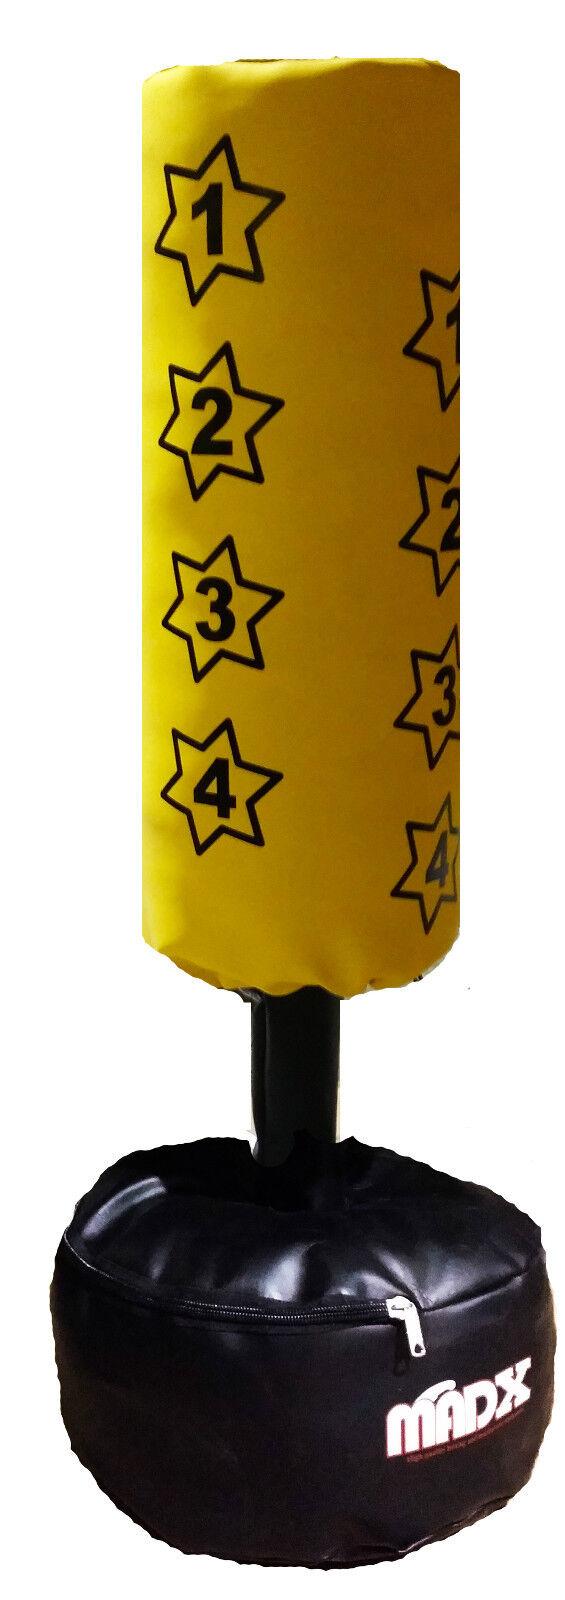 madx enfants junior boxe sur pied sac de frappe ensemble autonome sac gants ebay. Black Bedroom Furniture Sets. Home Design Ideas